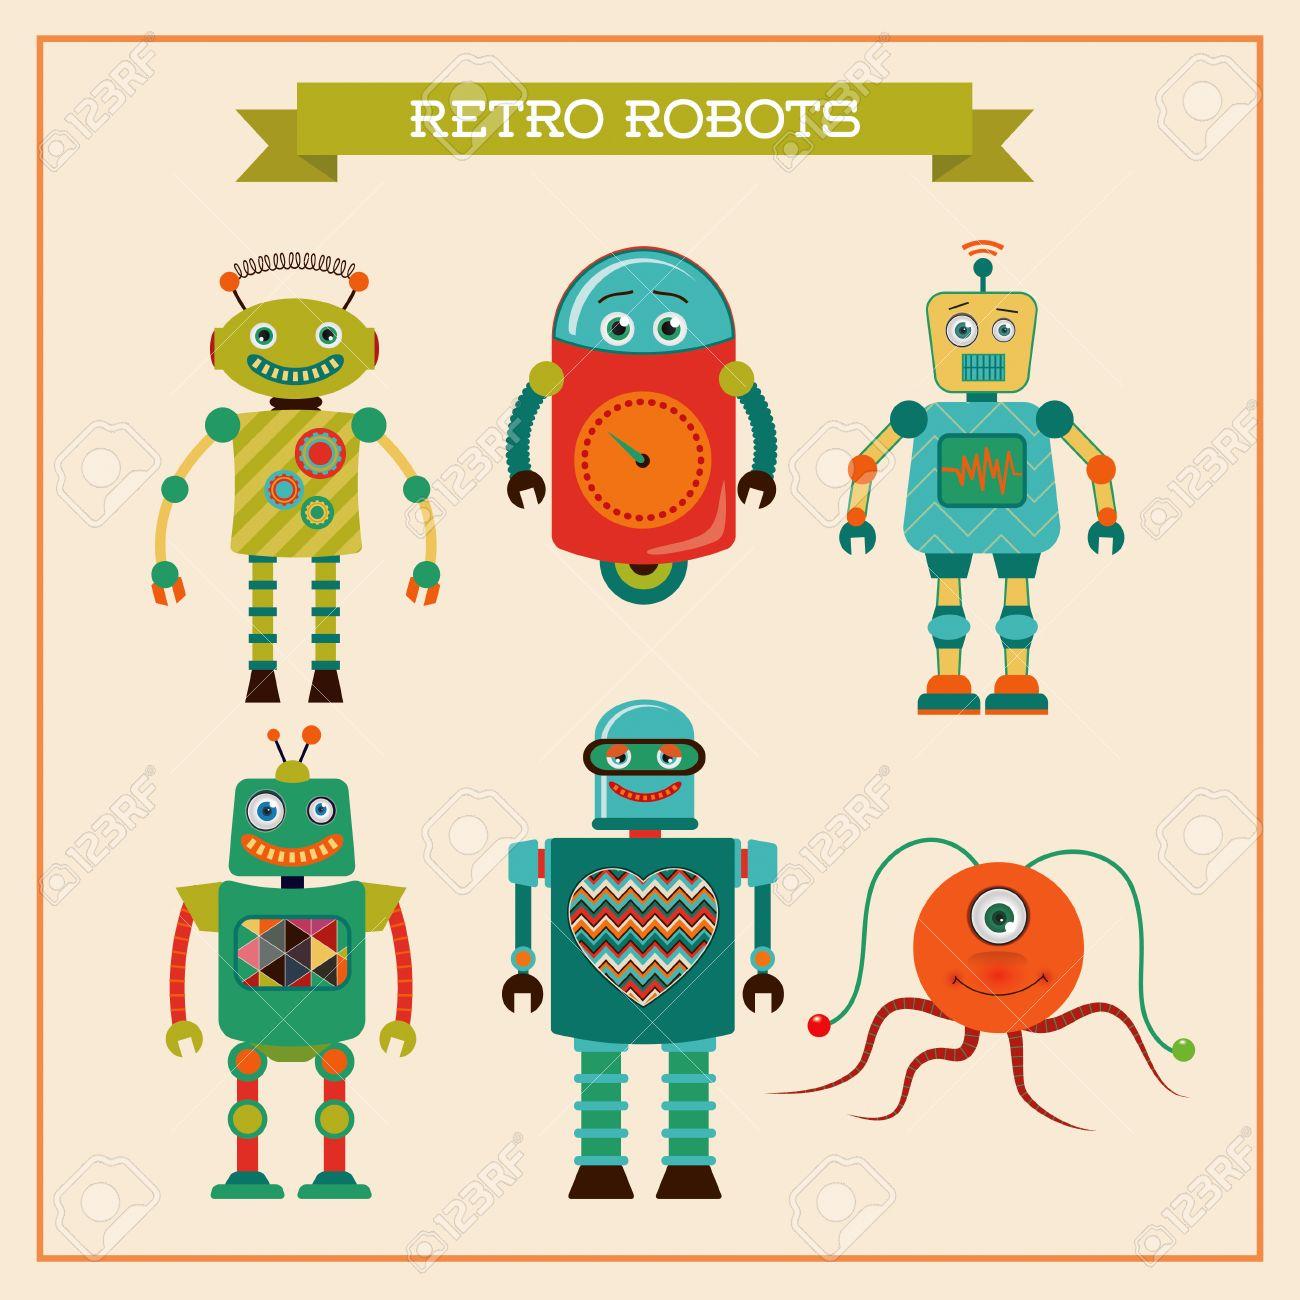 レトロなビンテージのかわいいロボットのセットですベクトル イラスト